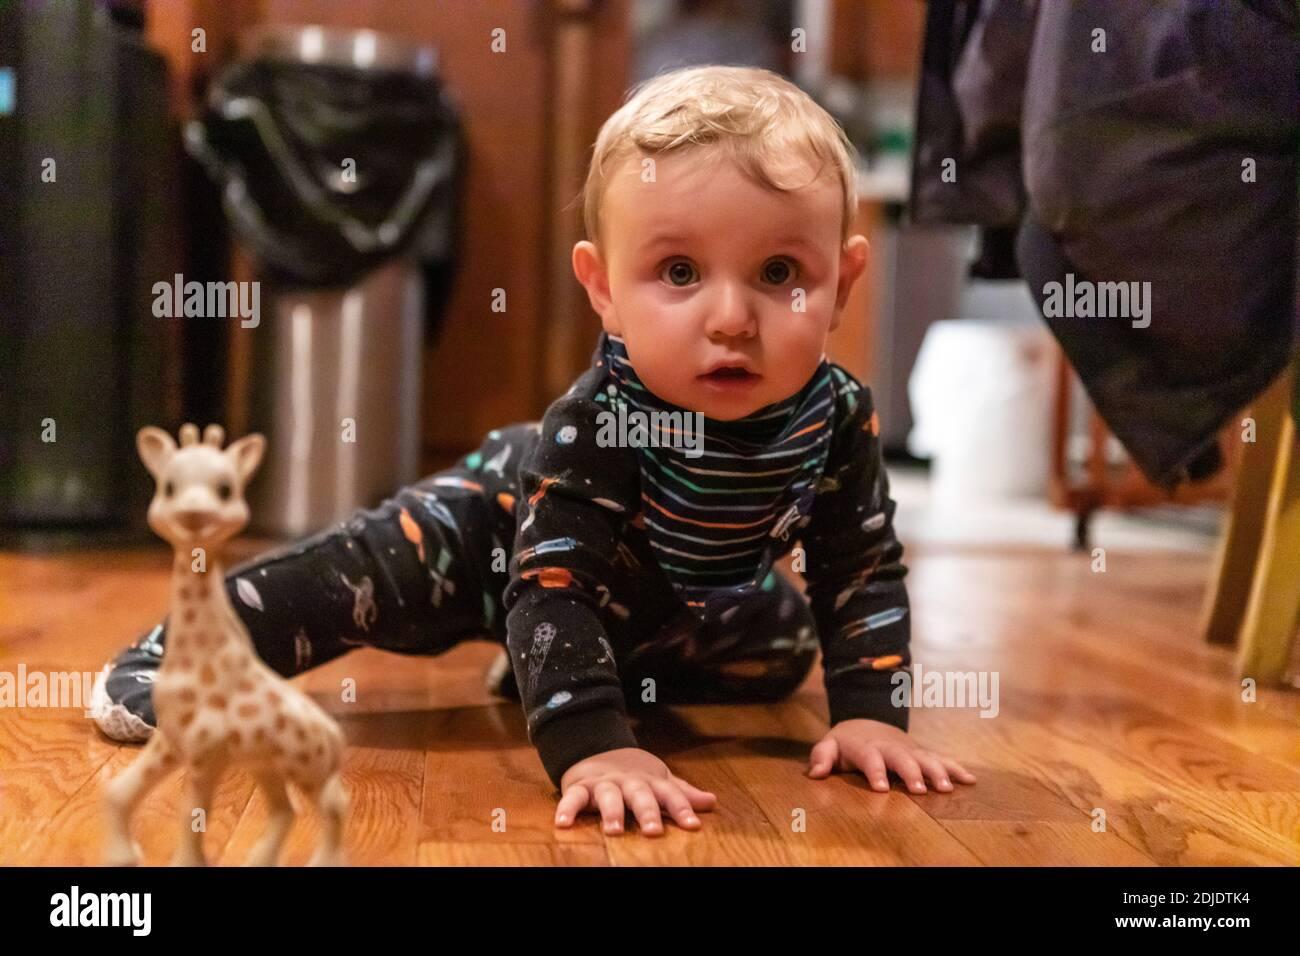 Lindo y curioso niño vestido de noche, jugando en el suelo de madera en casa con juguetes de animales como jirafa mientras mira la cámara Foto de stock